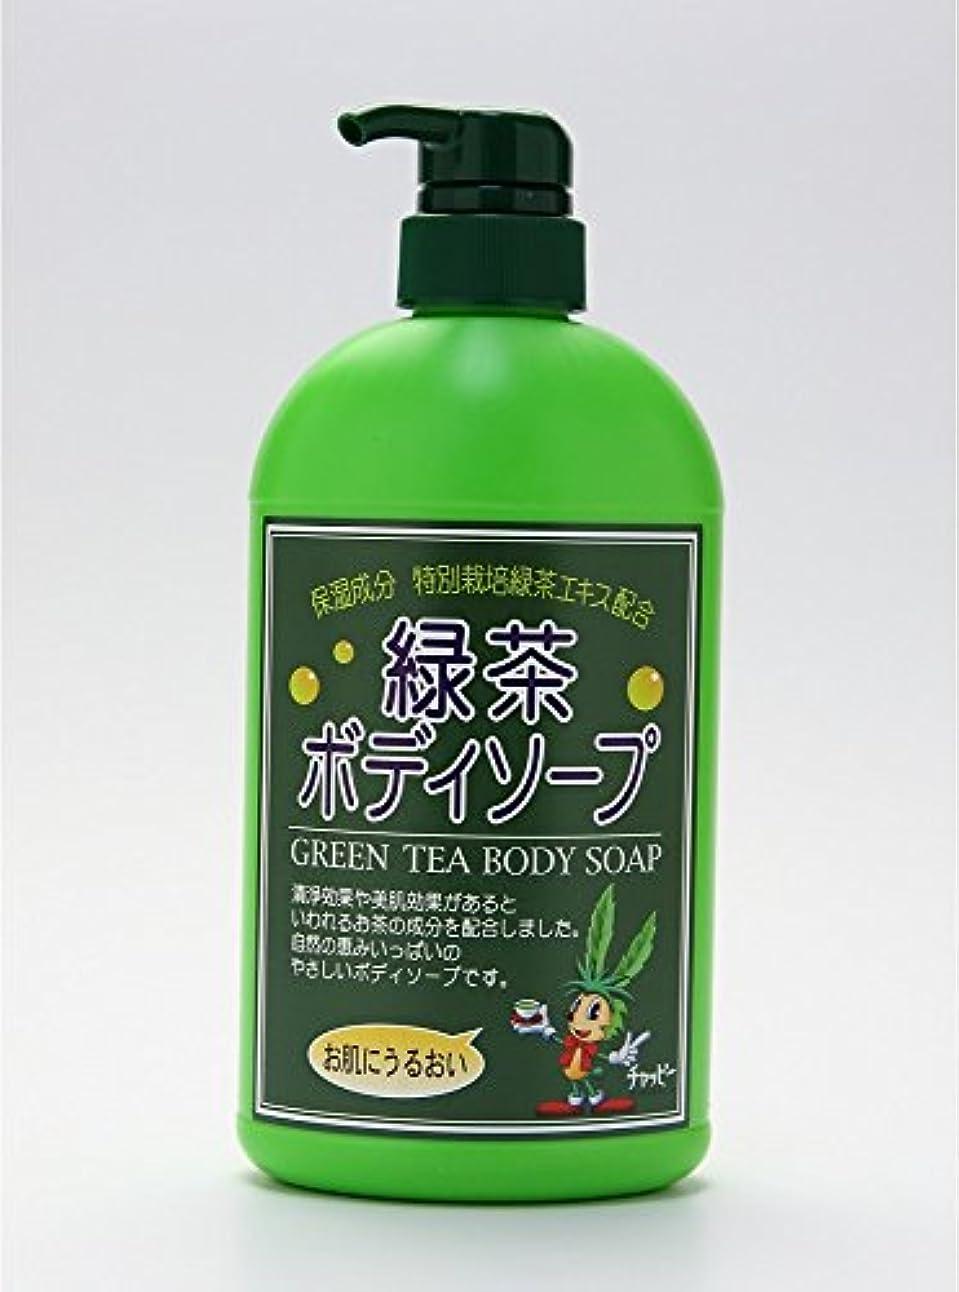 熱帯の真向こう抑止する緑茶ボディーソープ 550ml